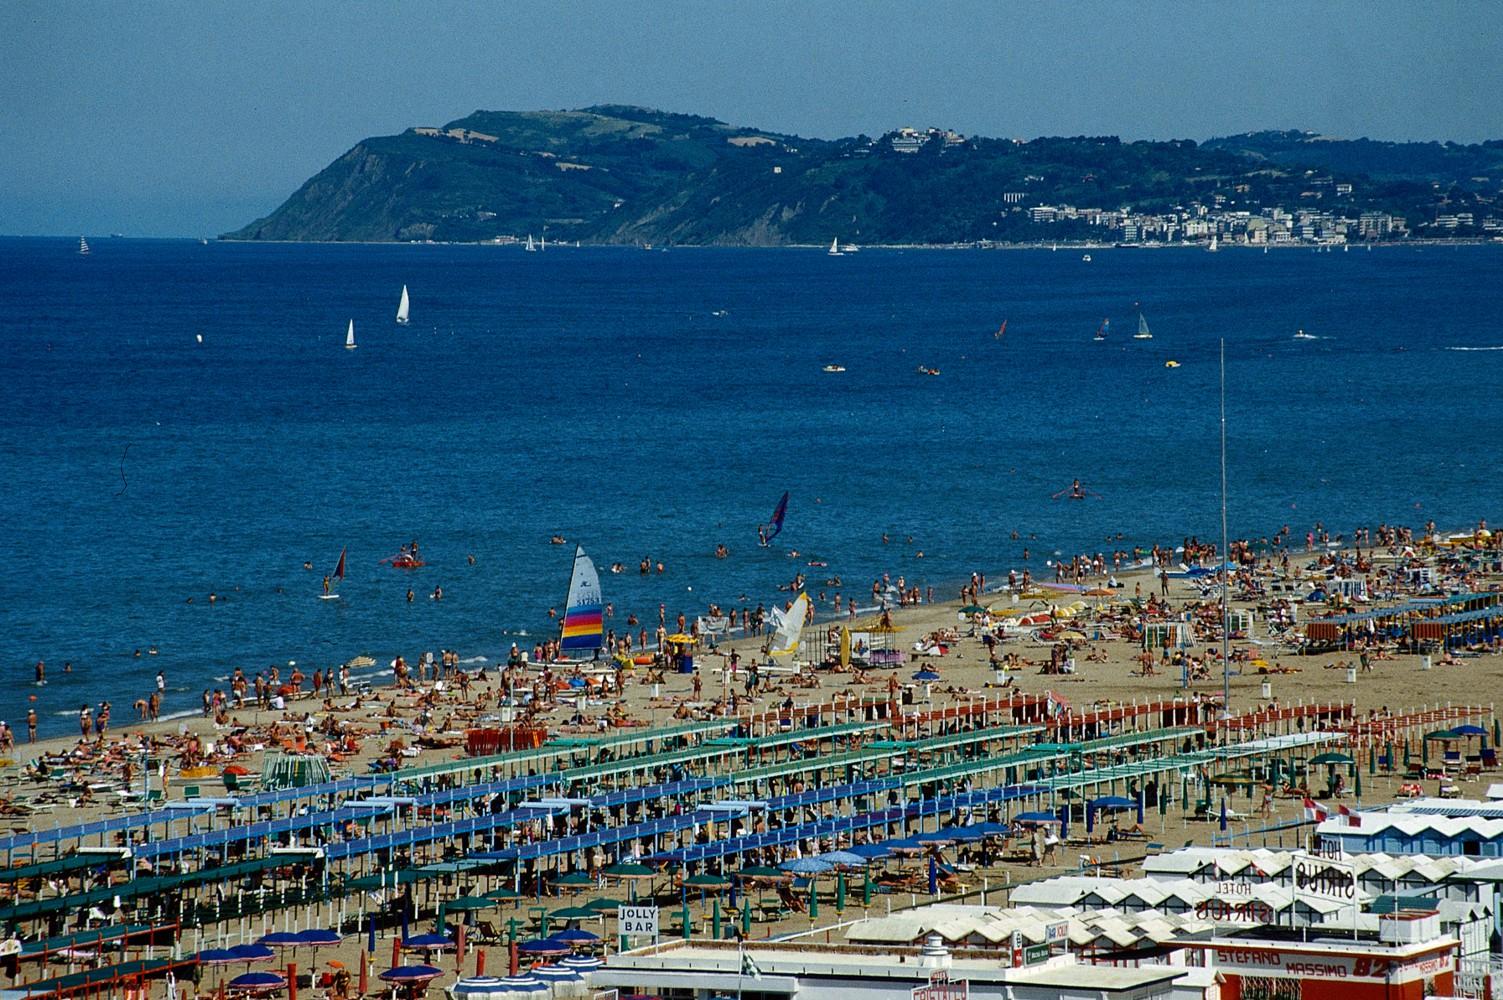 Matrimonio Spiaggia Riviera Romagnola : Spiagge libere riccione